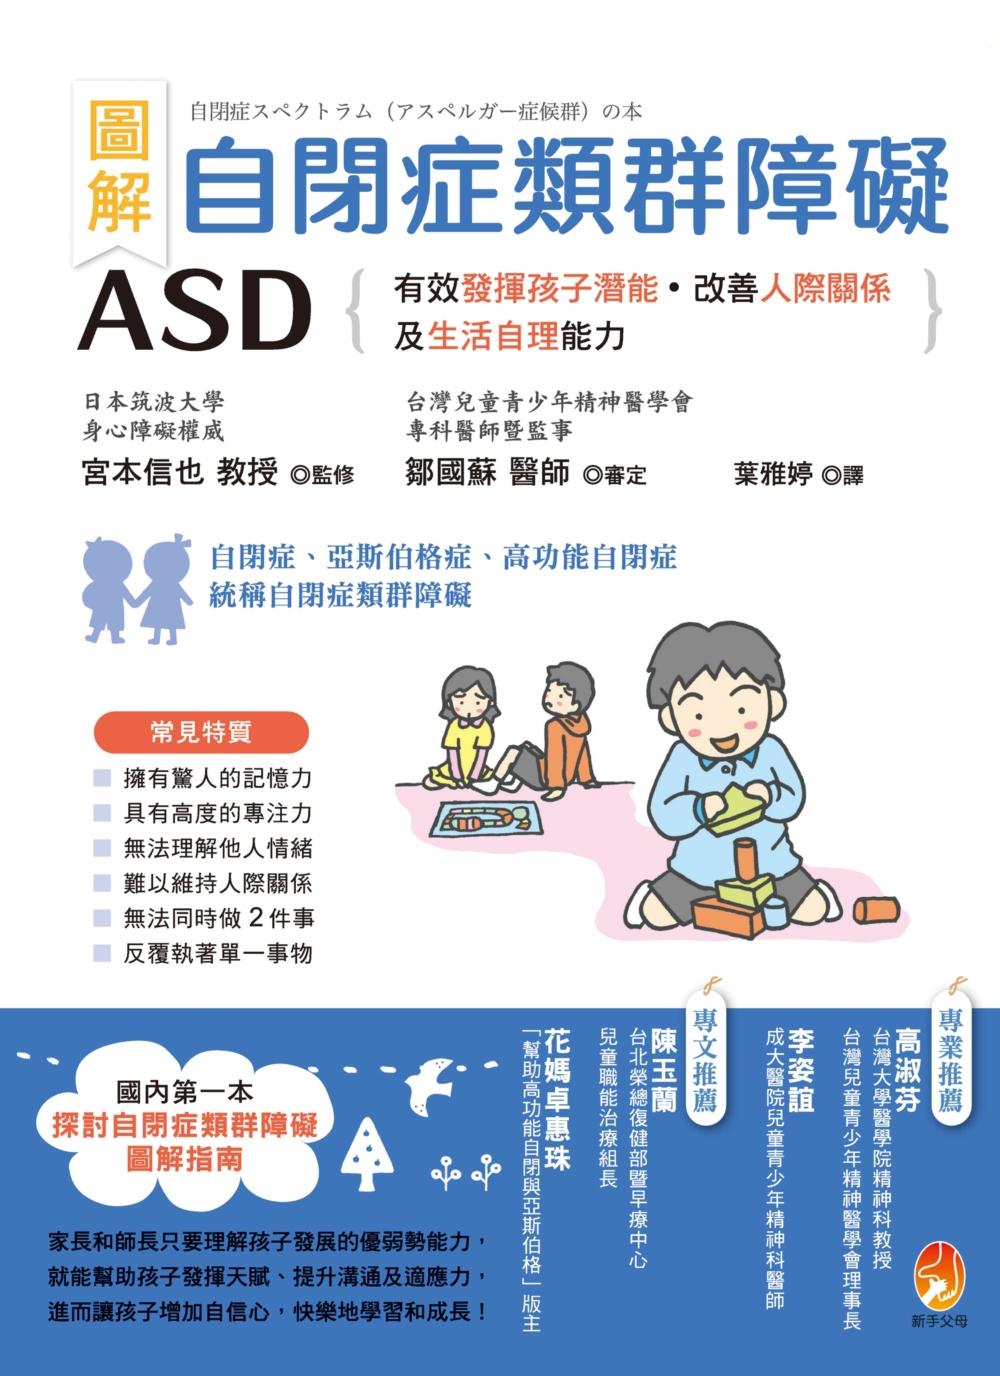 圖解 自閉症類群障礙ASD:有效發揮孩子潛能、改善人際關係及生活自理能力